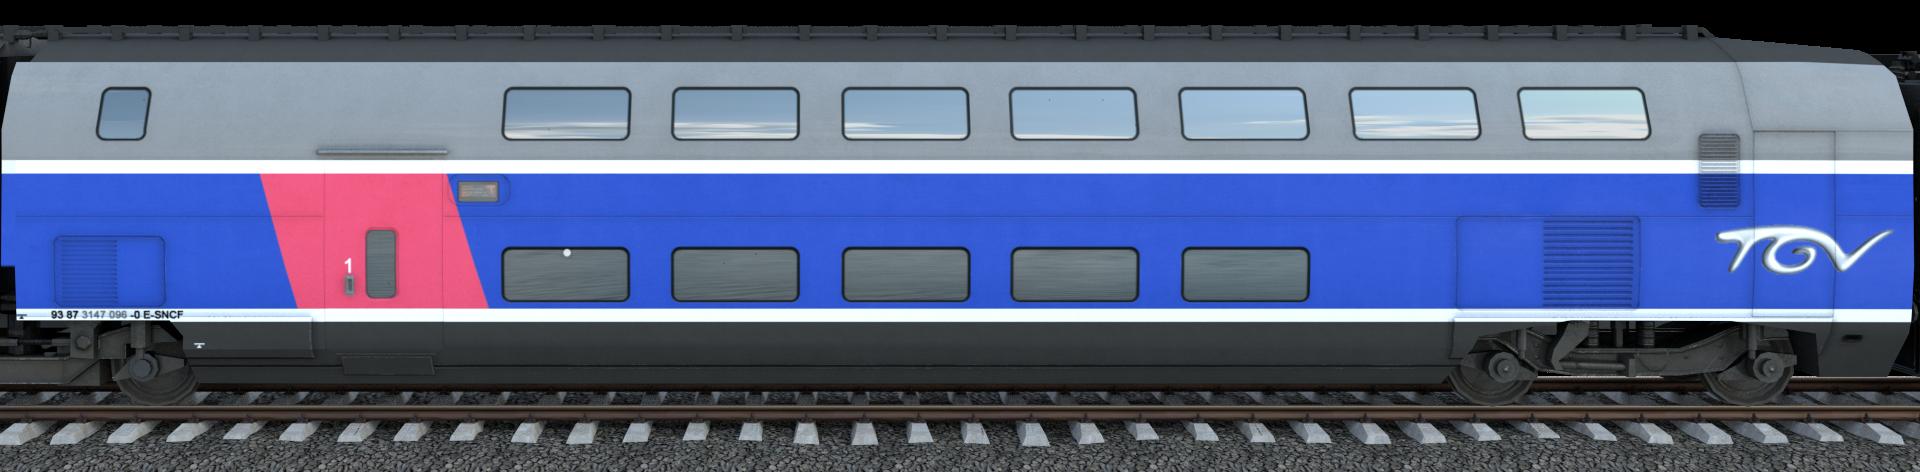 tgv_duplex_07.png